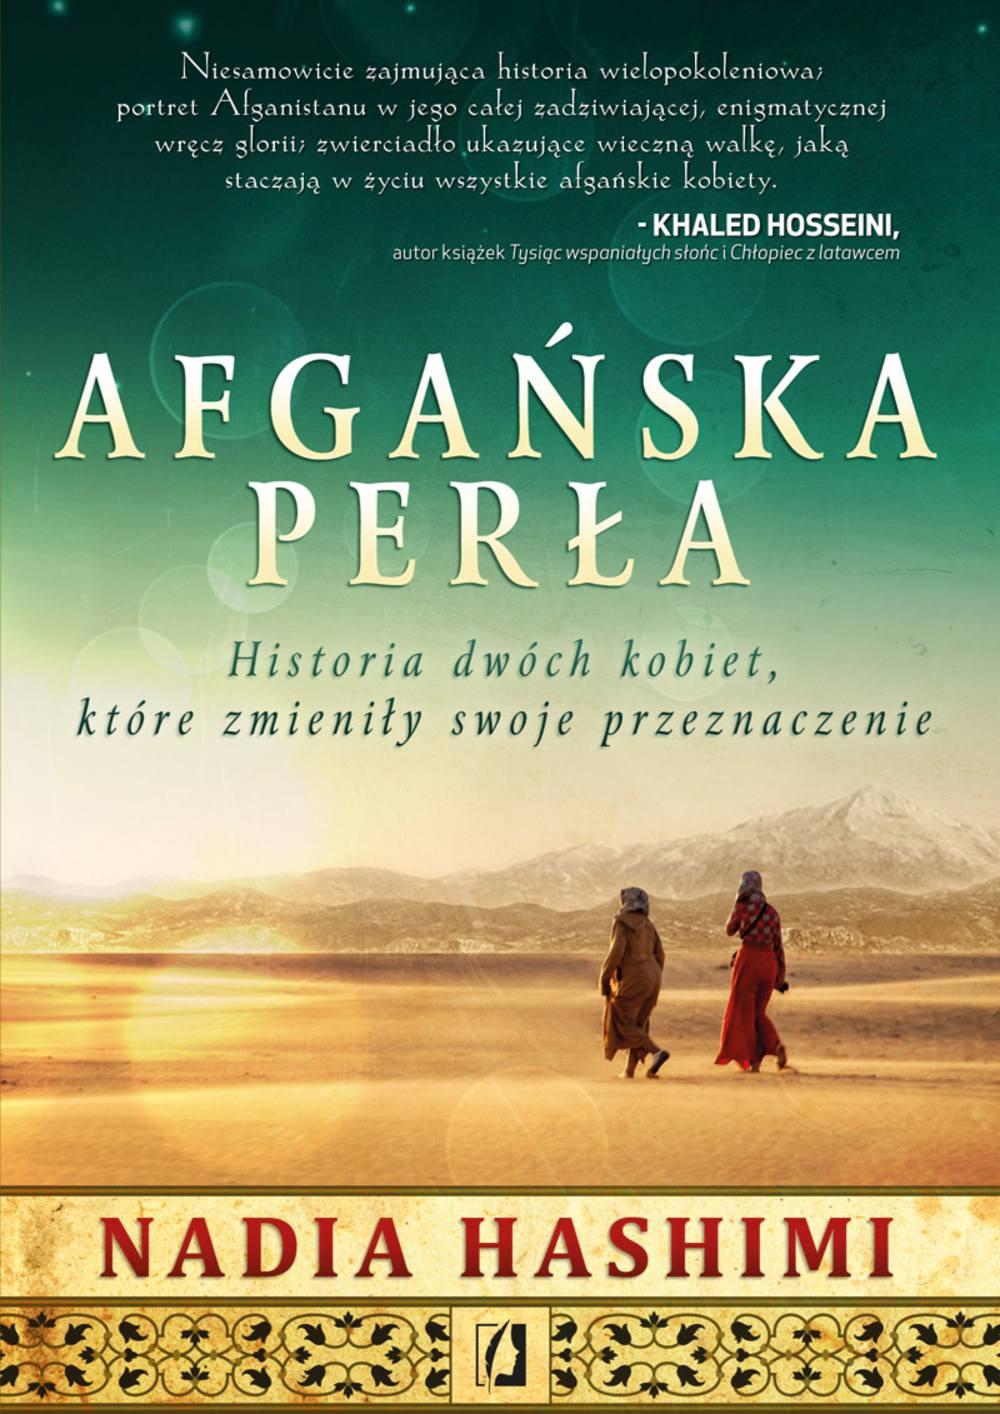 Afgańska perła. Historia dwóch kobiet, które zmieniły swoje przeznaczenie - Ebook (Książka na Kindle) do pobrania w formacie MOBI